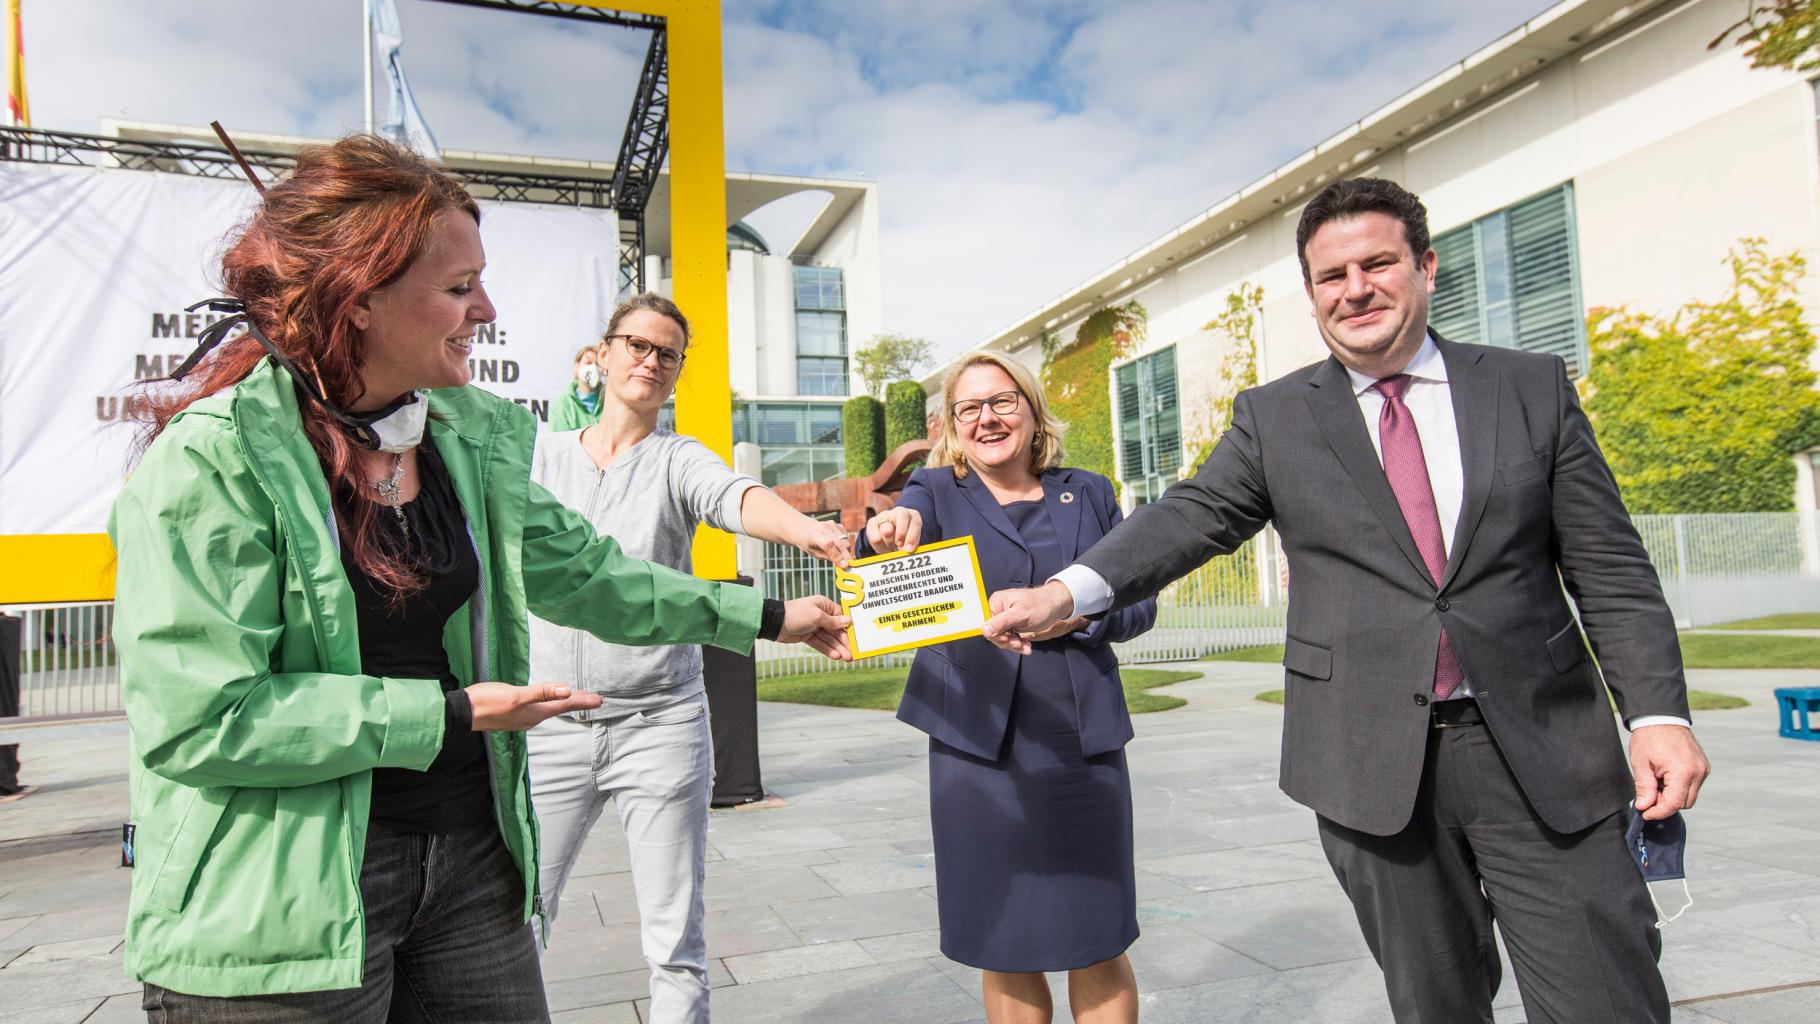 Umweltministerin Svenja Schulze und Arbeitsminister Hubertus Heil nehmen vor dem Kanzleramt ein Symbol für 222.222 Unterschriften für ein Lieferkettengesetz von zwei Aktivistinnen in Empfang.